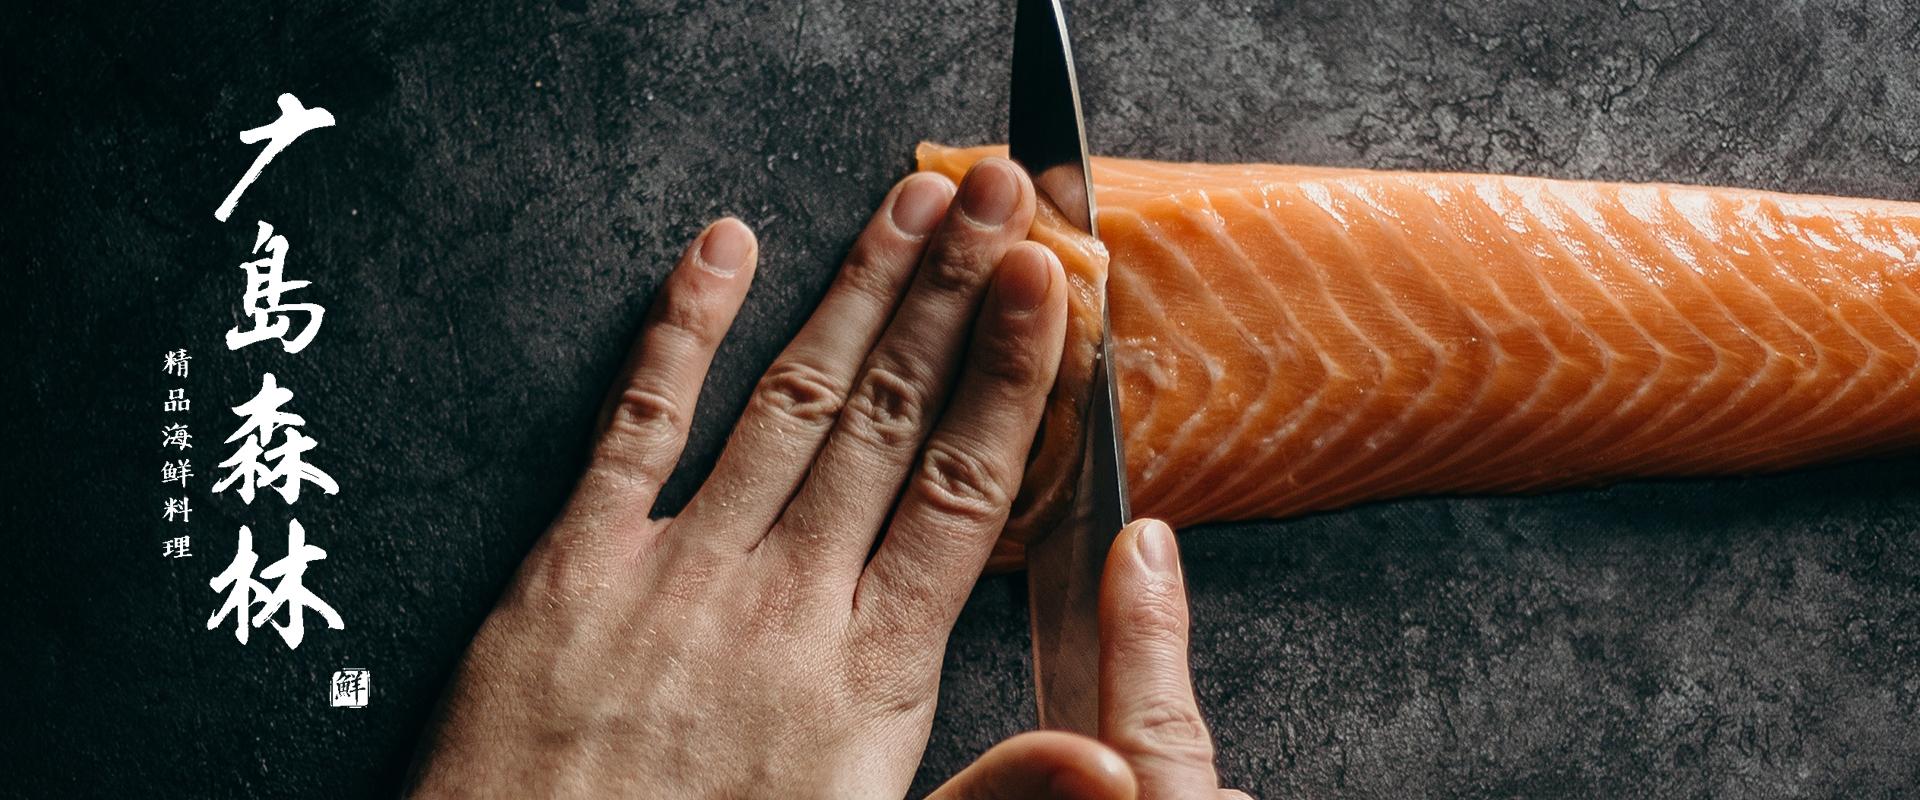 餐饮管理试卷_成都日本料理,日料放题,海鲜自助餐厅-成都广岛森林餐饮管理 ...